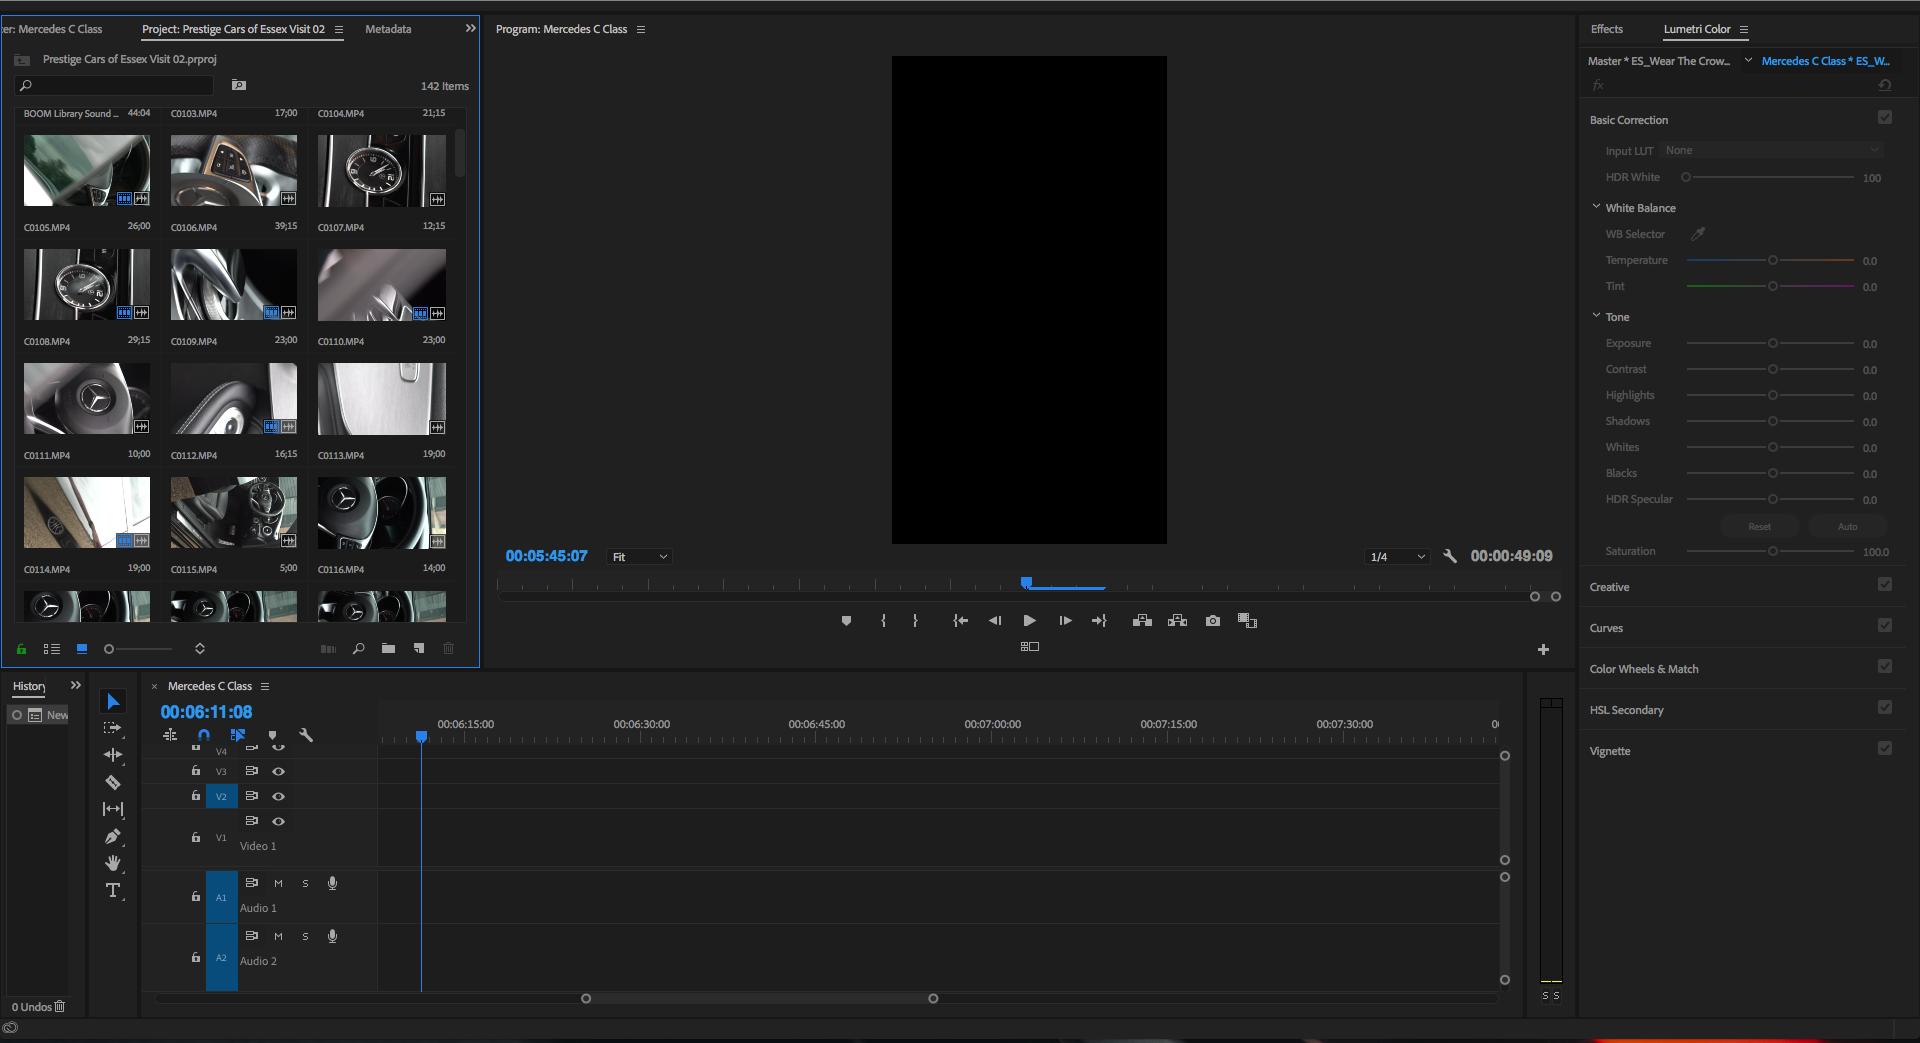 Screen Shot 2018-09-10 at 10.38.41.png